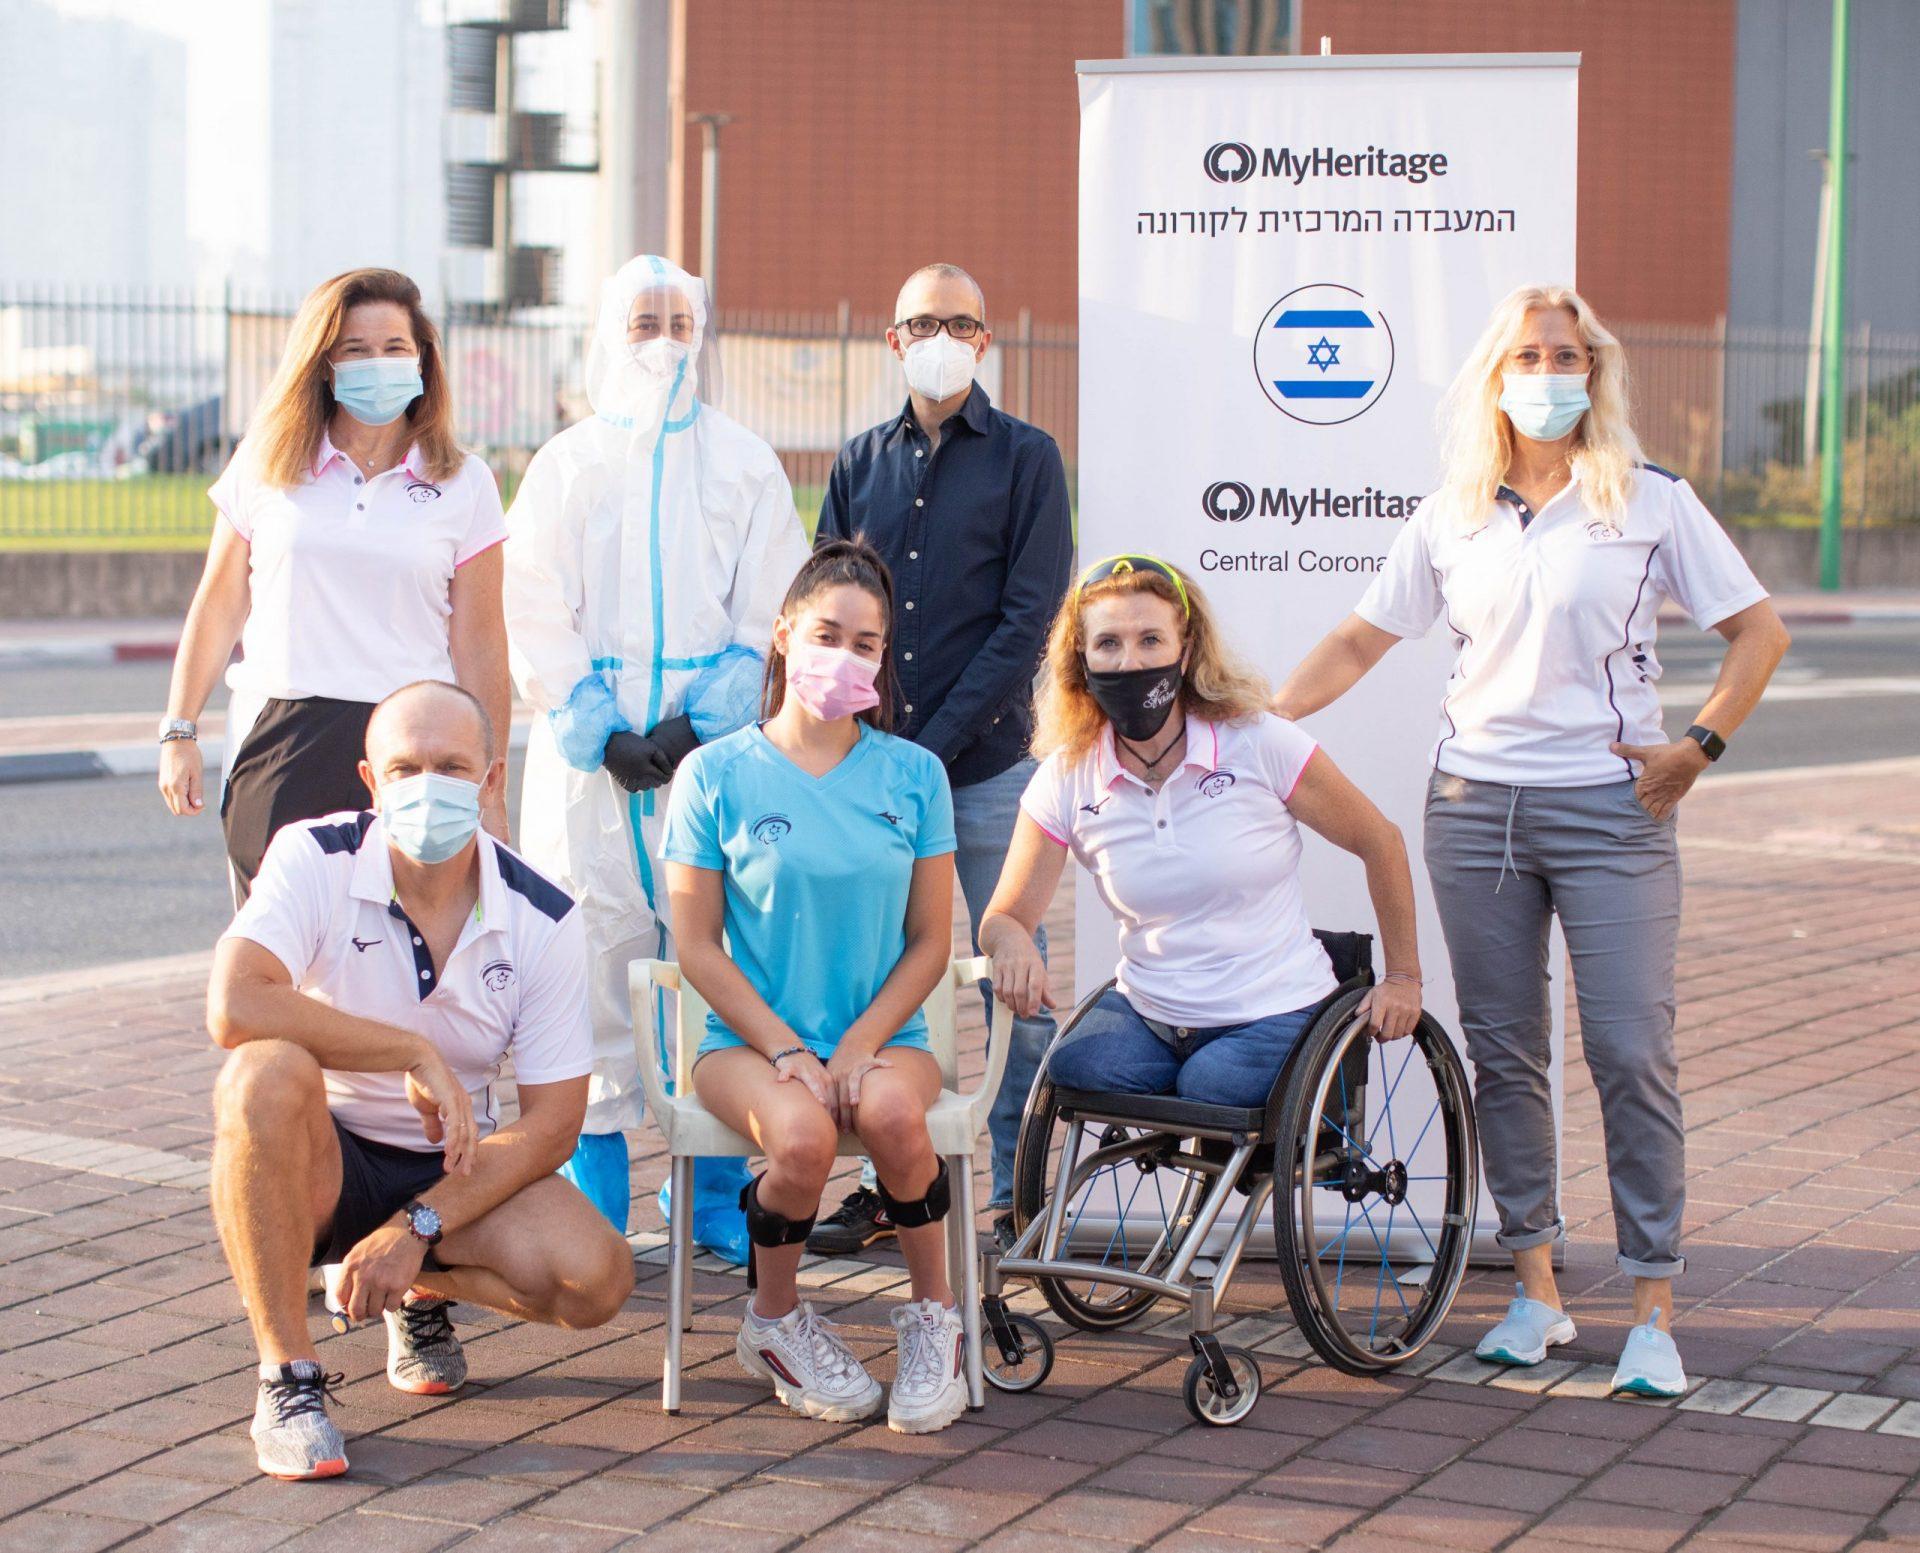 ספורטאי משלחת ישראל בקיאקים עומדים ב 2 שורות עם רולאפ של חברת מייהריטג